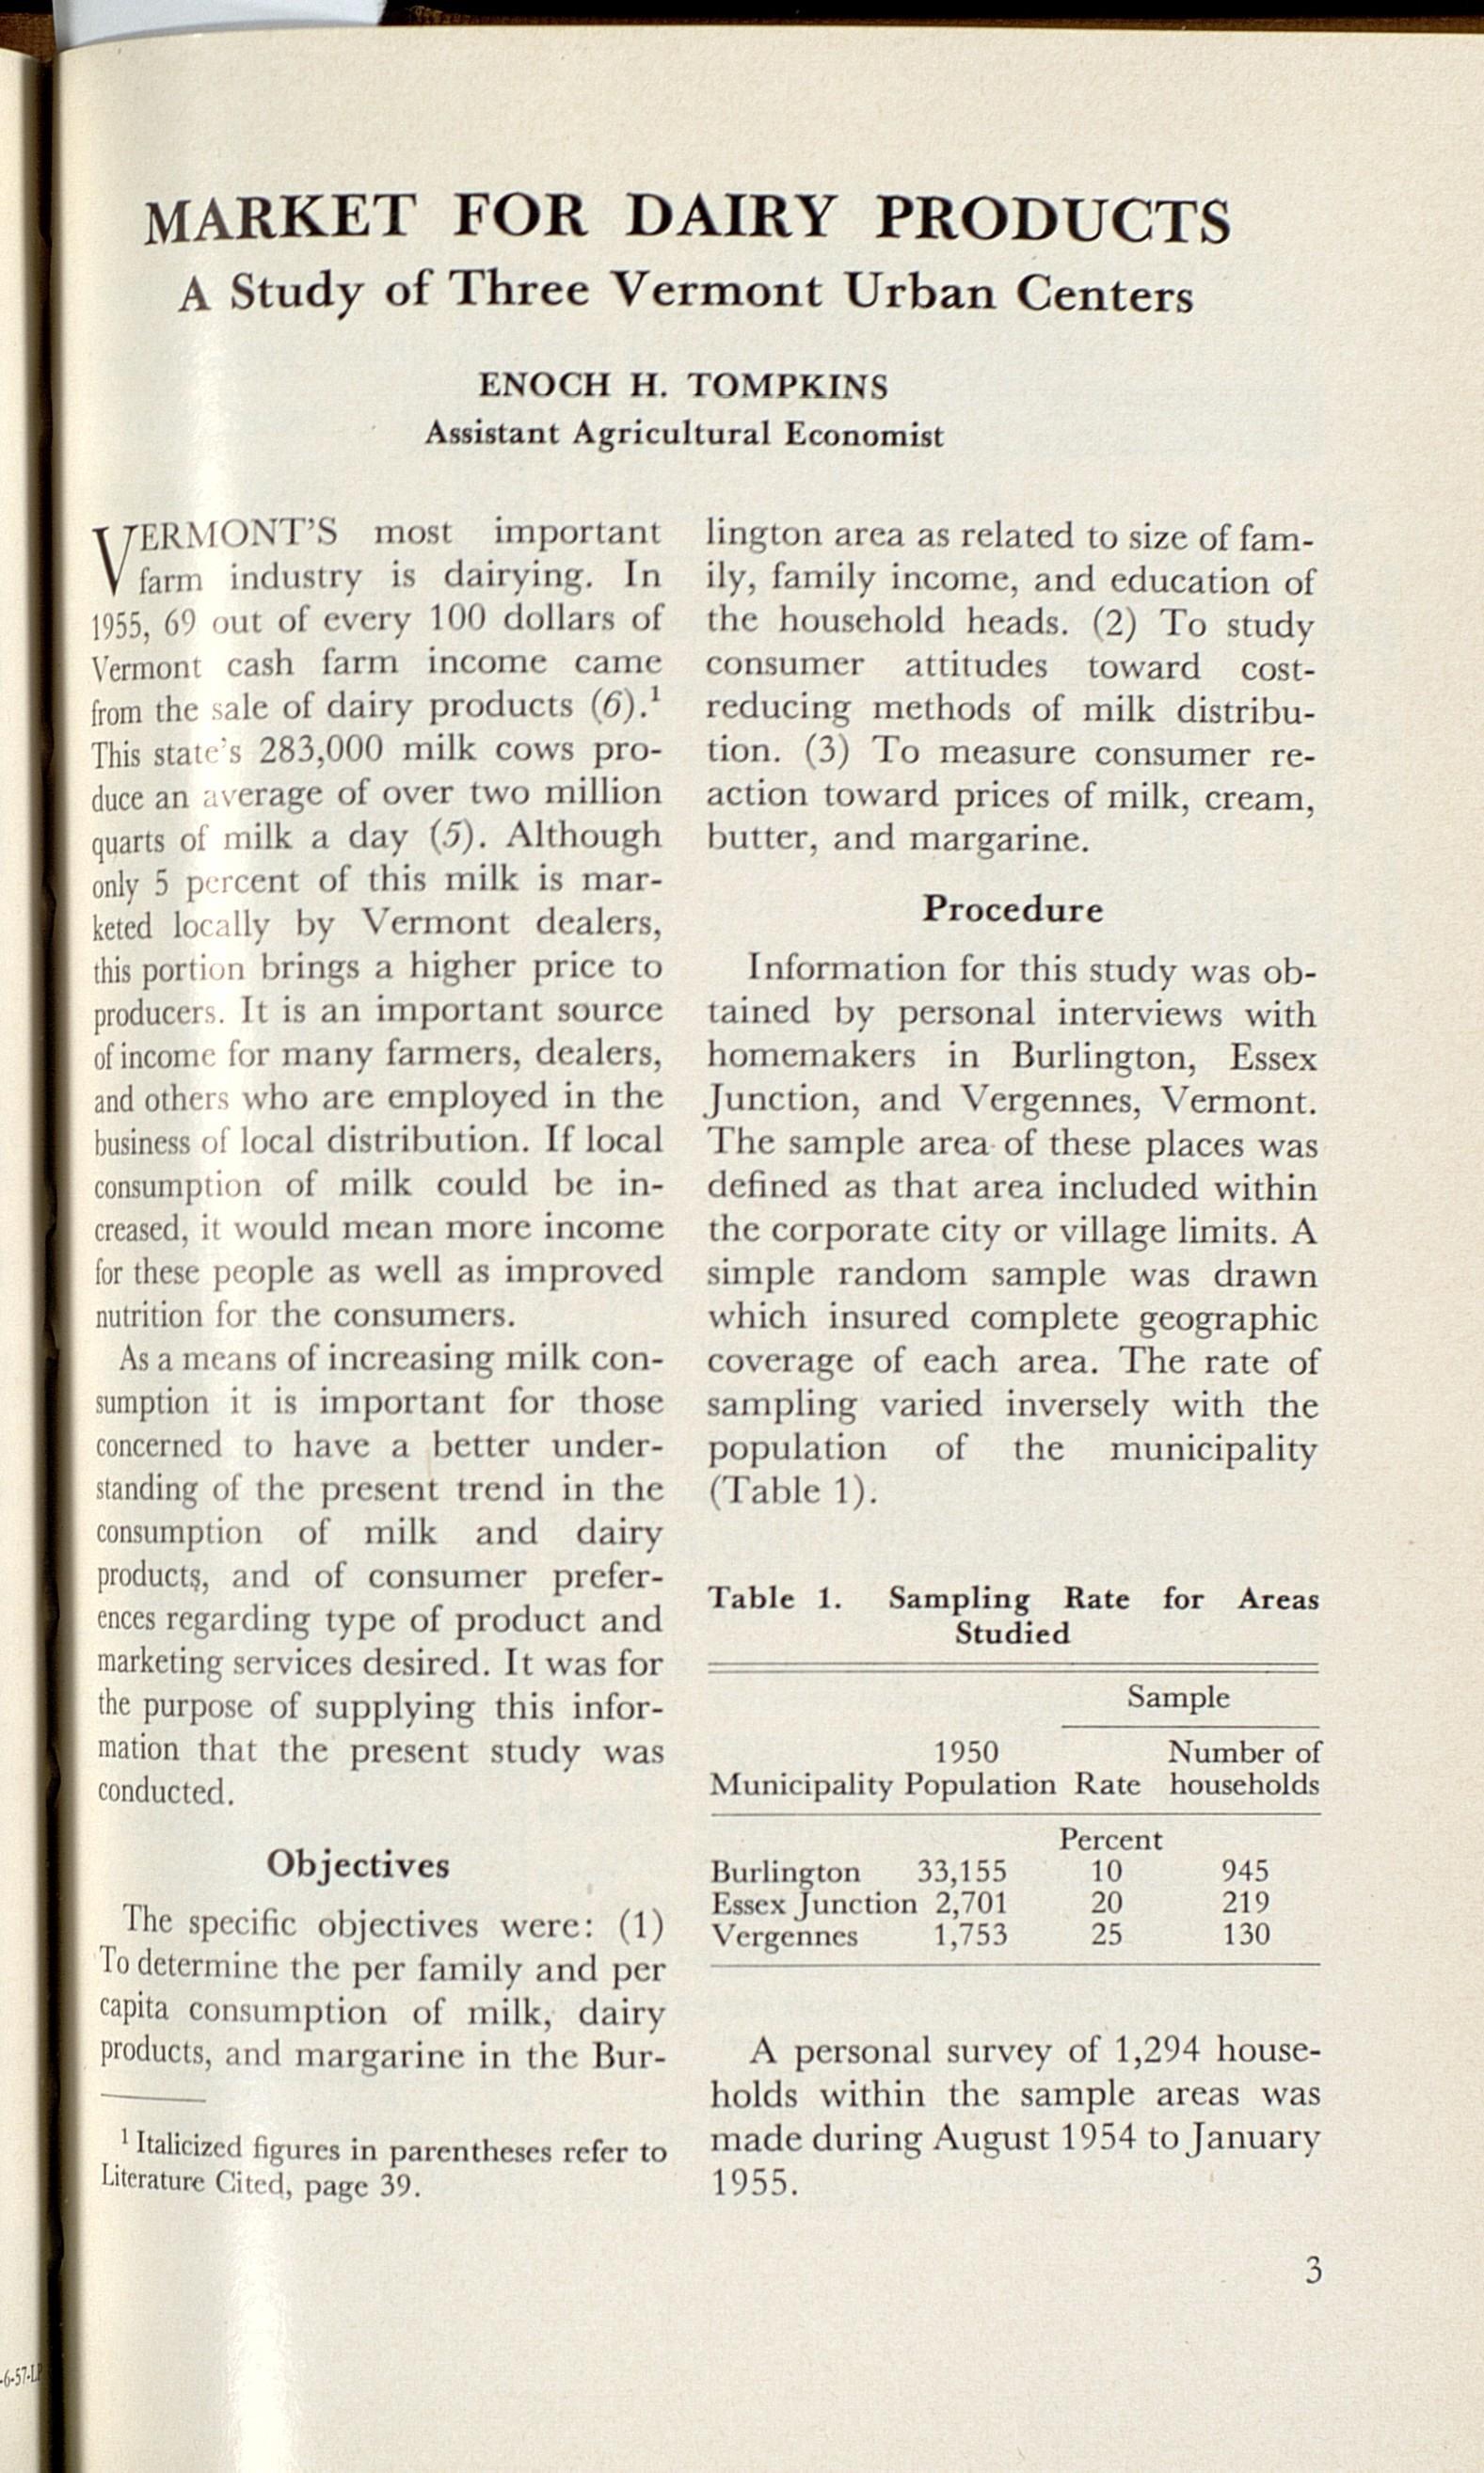 aep-1936-tompkins-marketfordairyproducts002.jpg